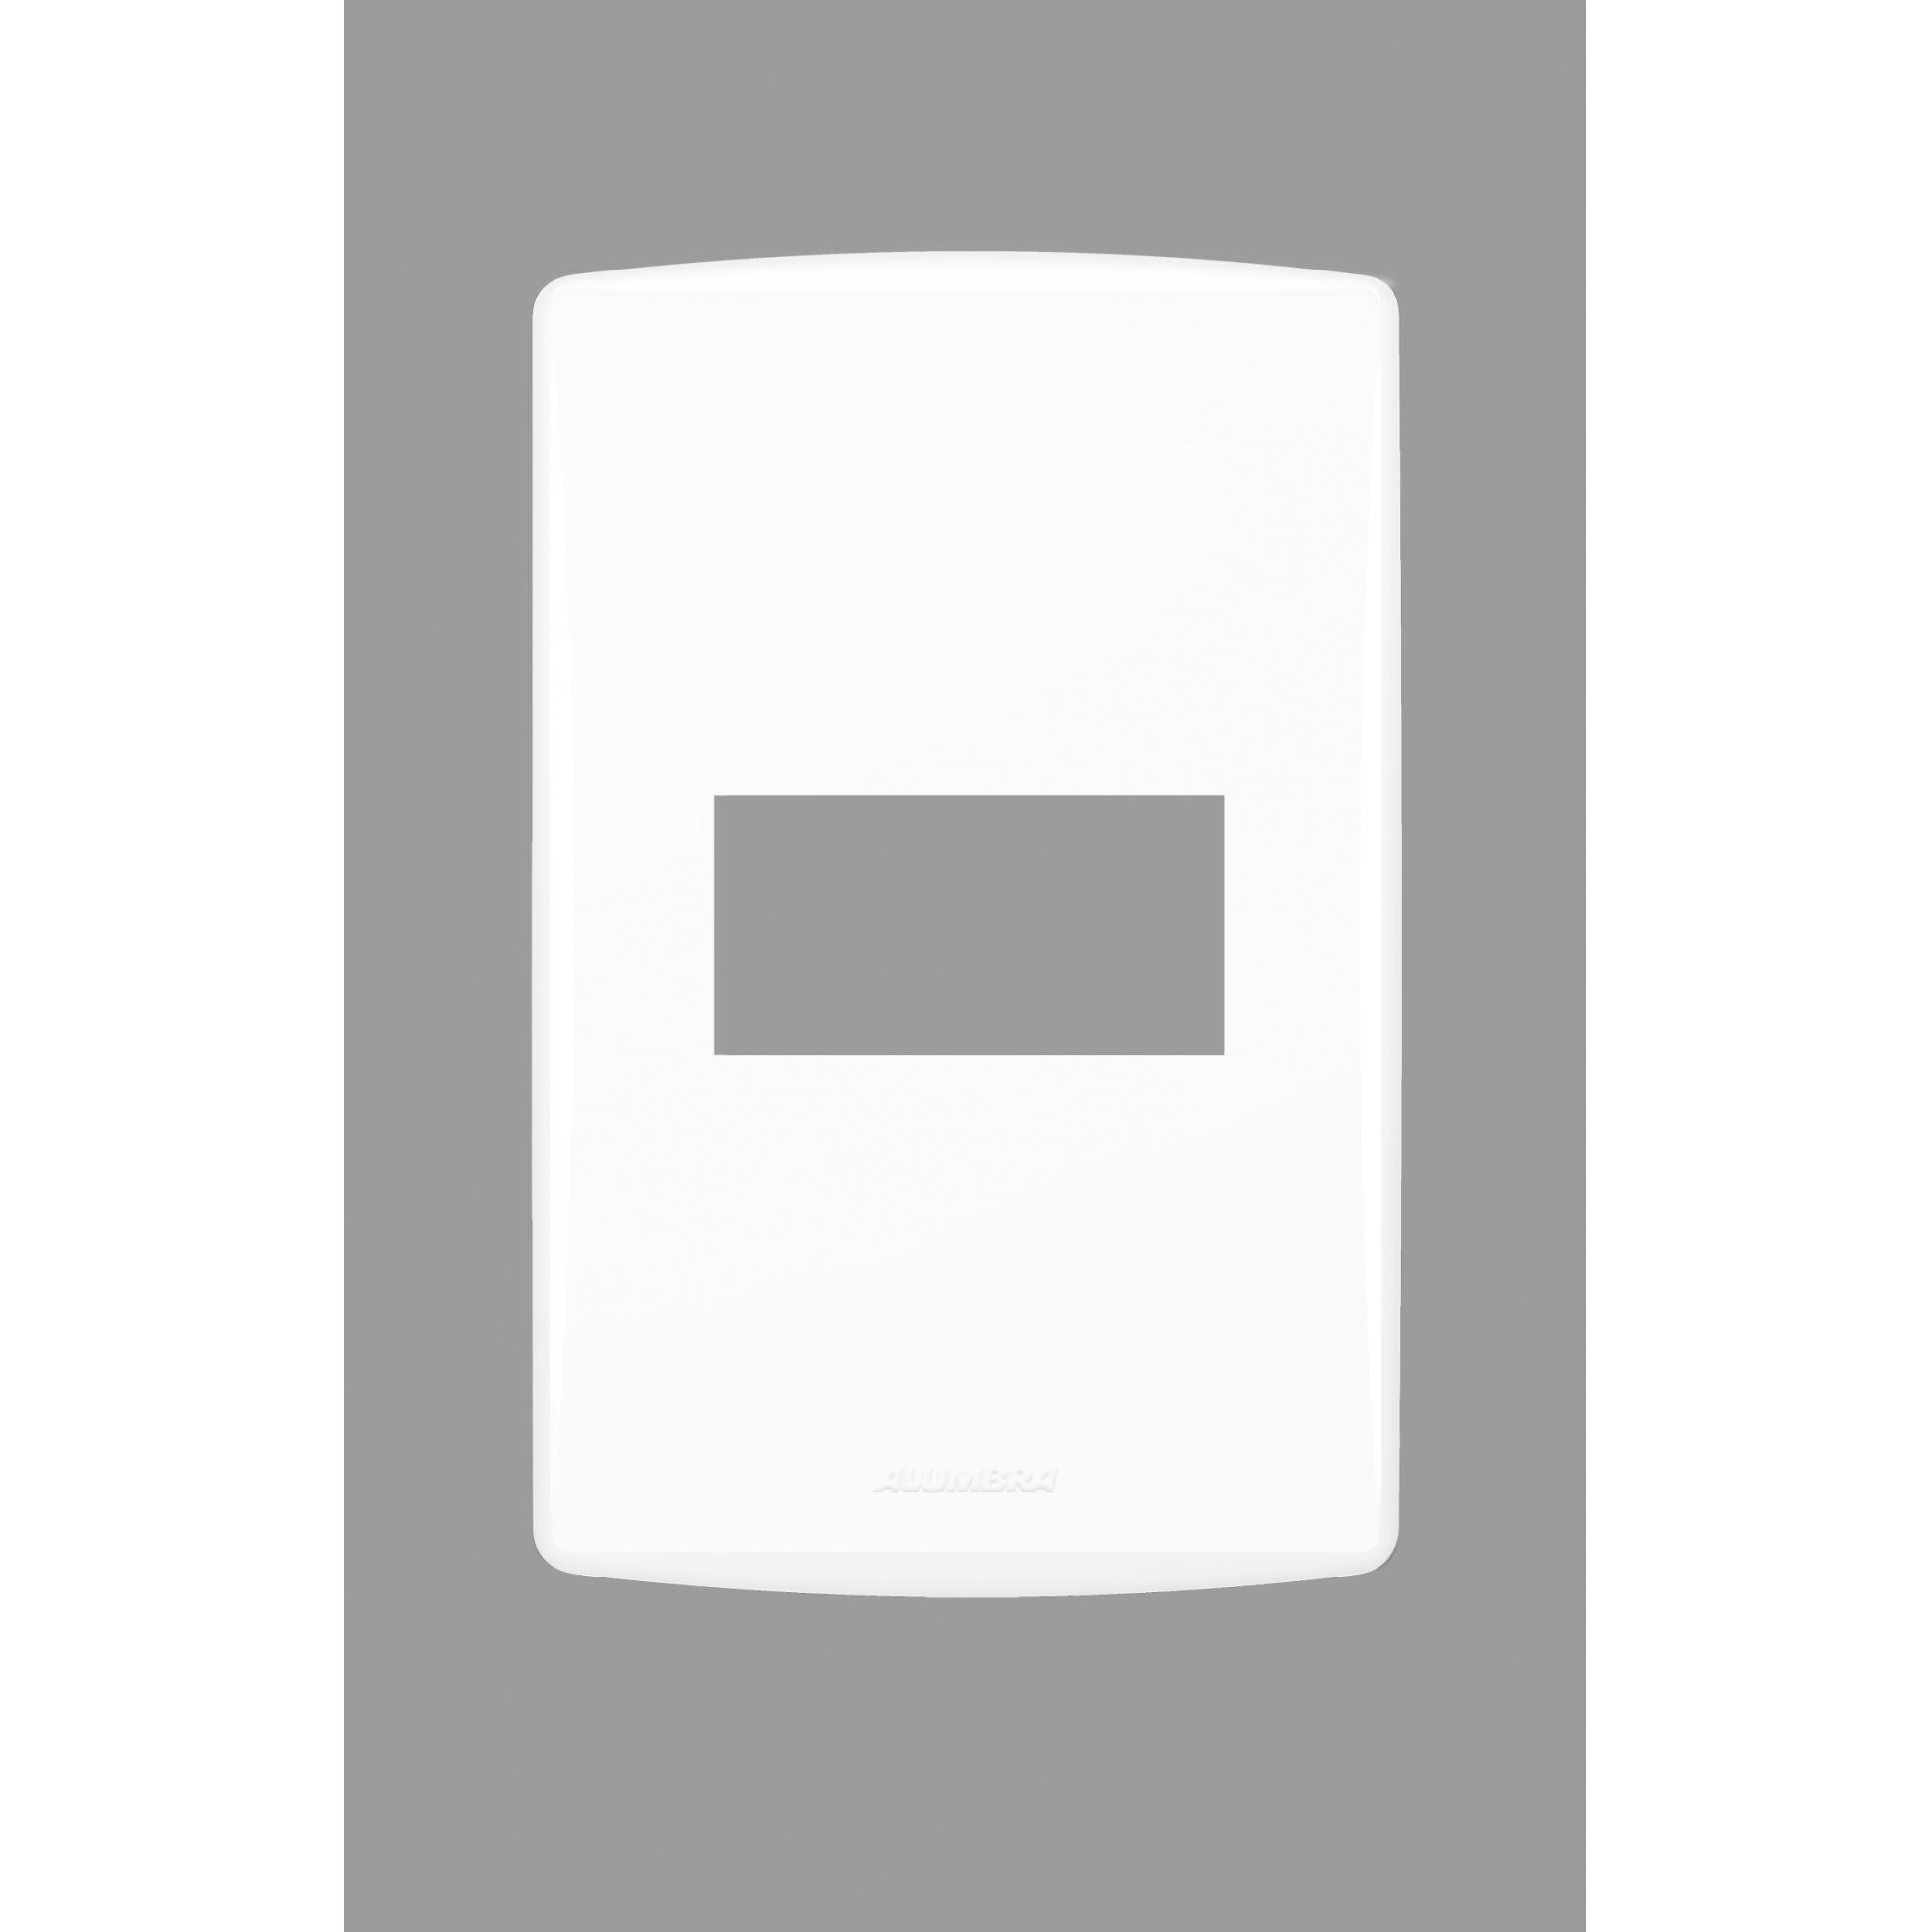 Placa com suporte 4x2 Bianco Pro - Alumbra